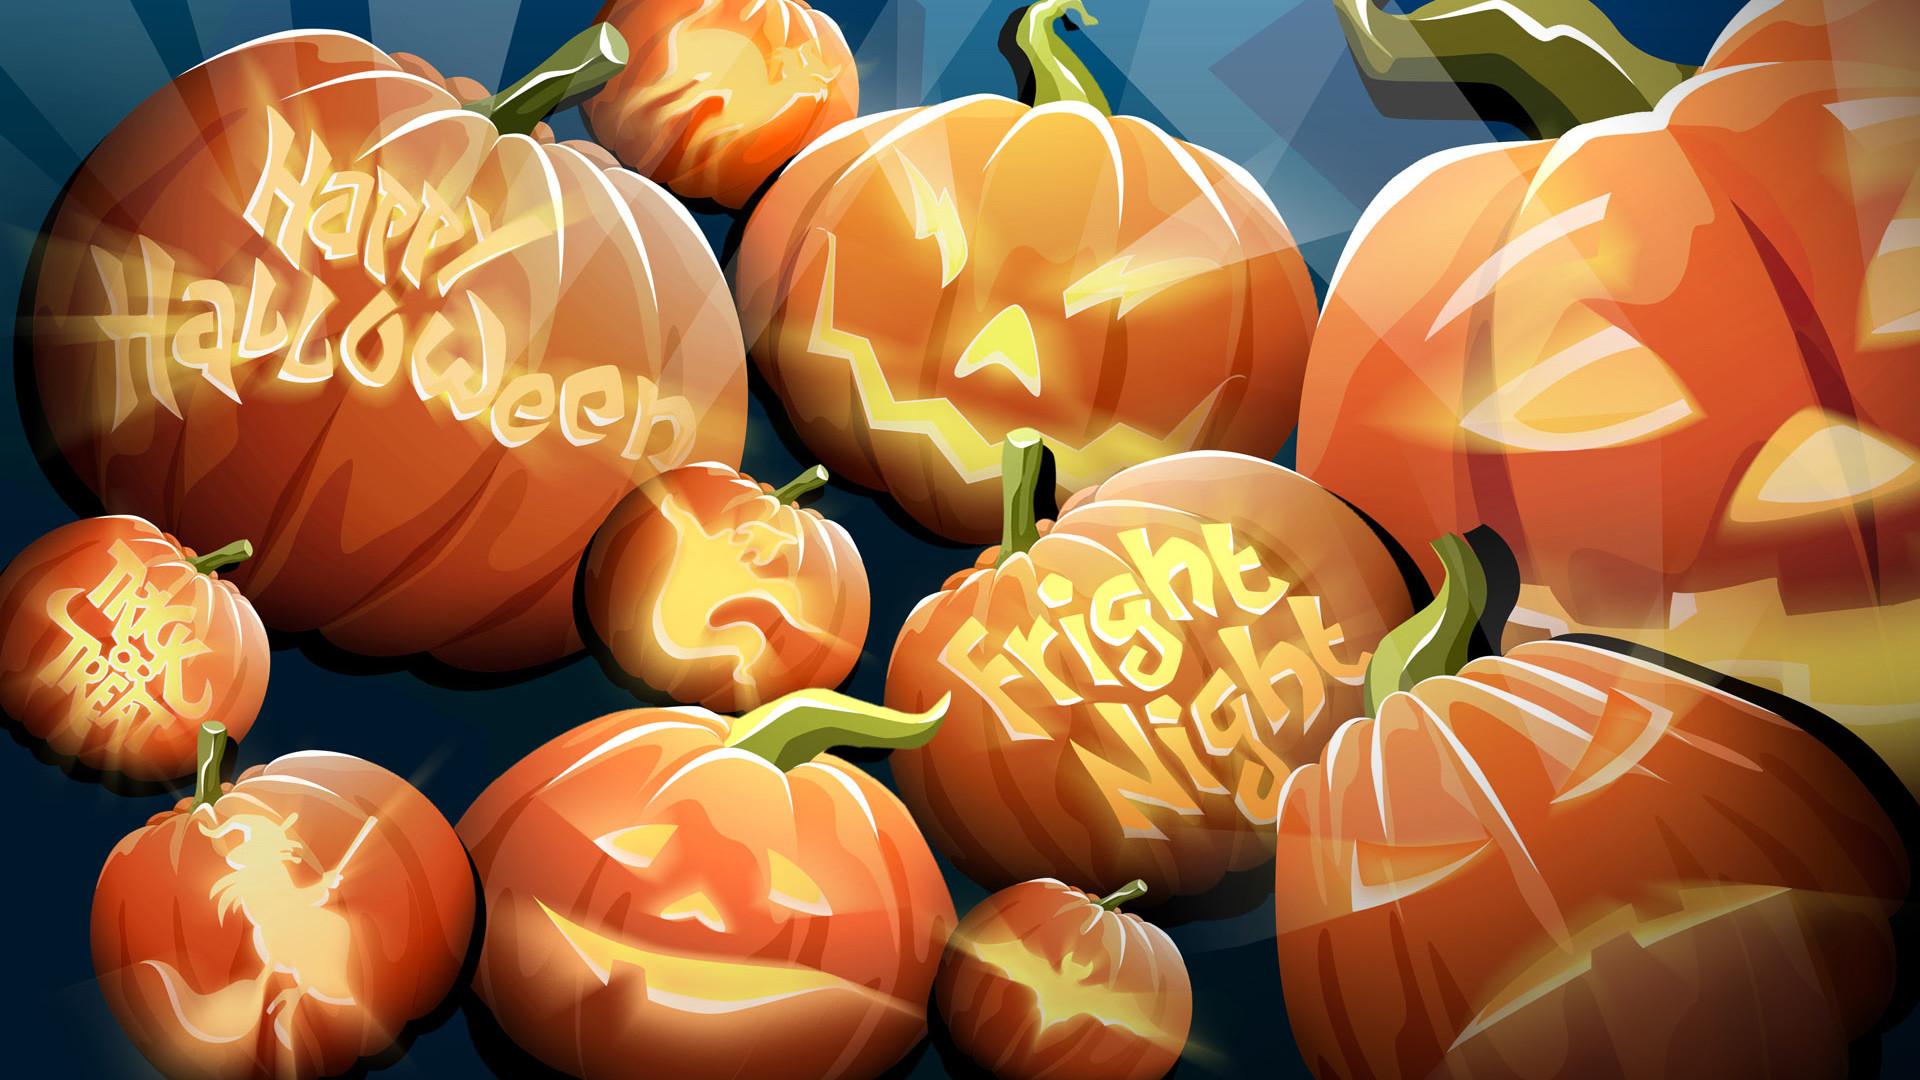 Autumn Pumpkin Wallpaper HD wallpaper background